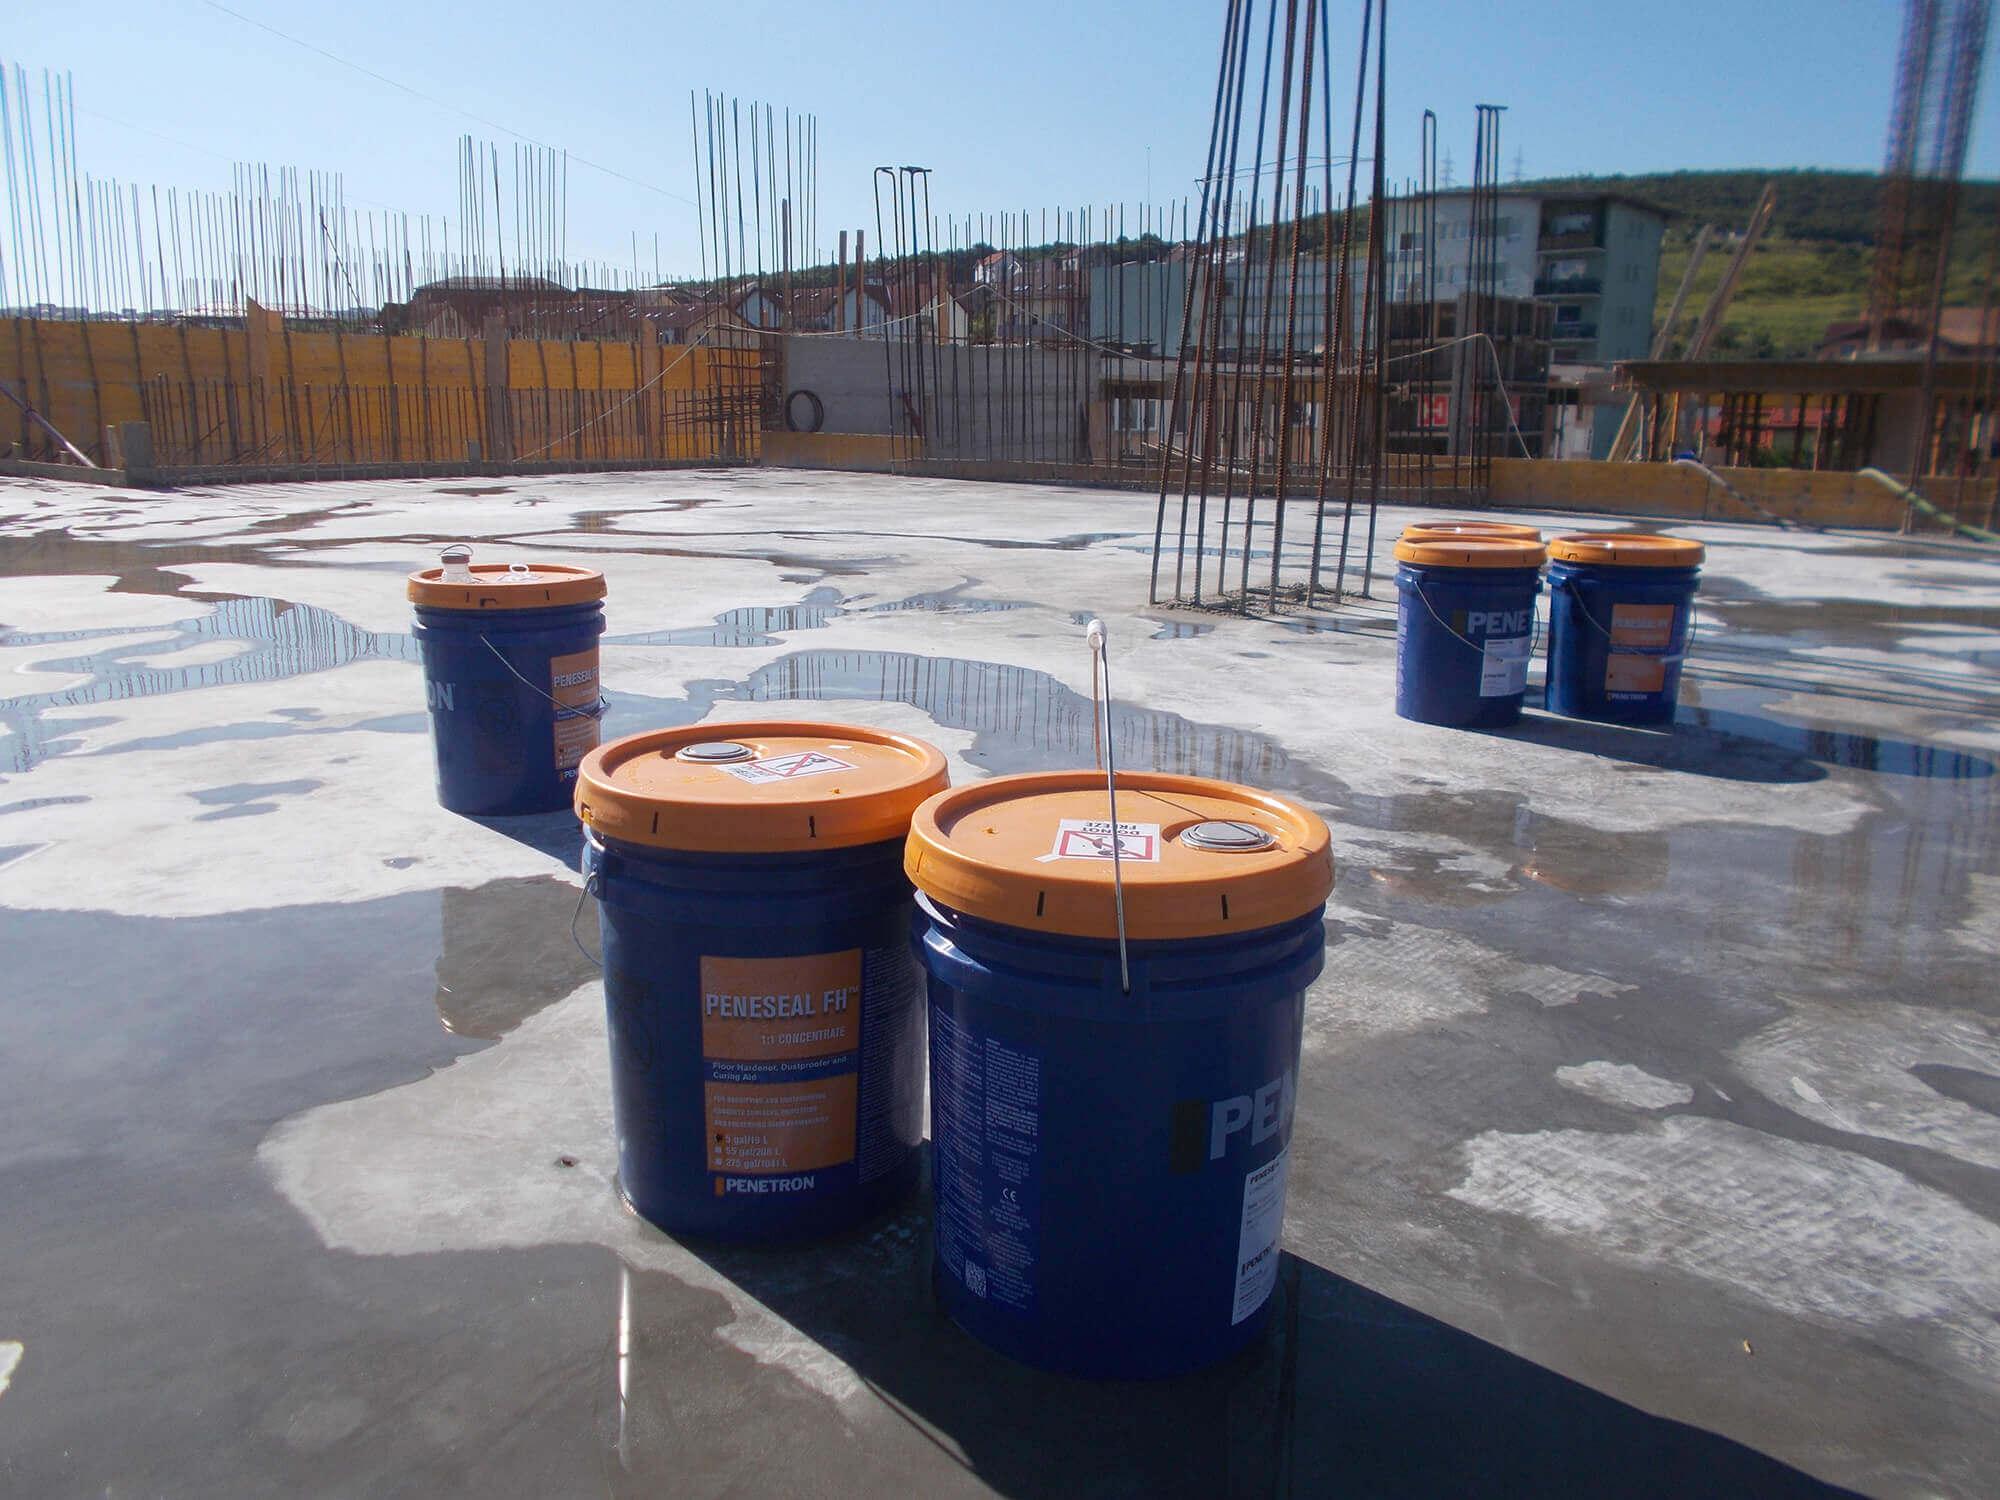 Chất tăng cứng bề mặt dạng lỏng peneseal FH